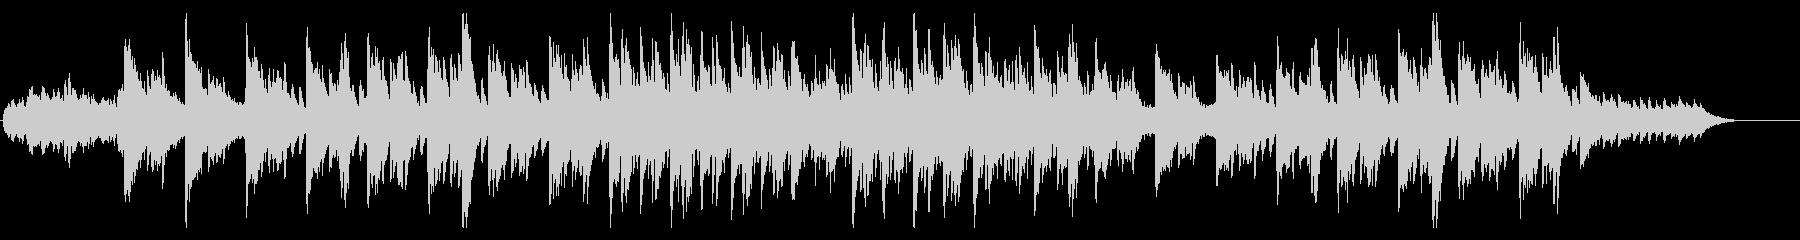 感動的なピアノ/openingの未再生の波形